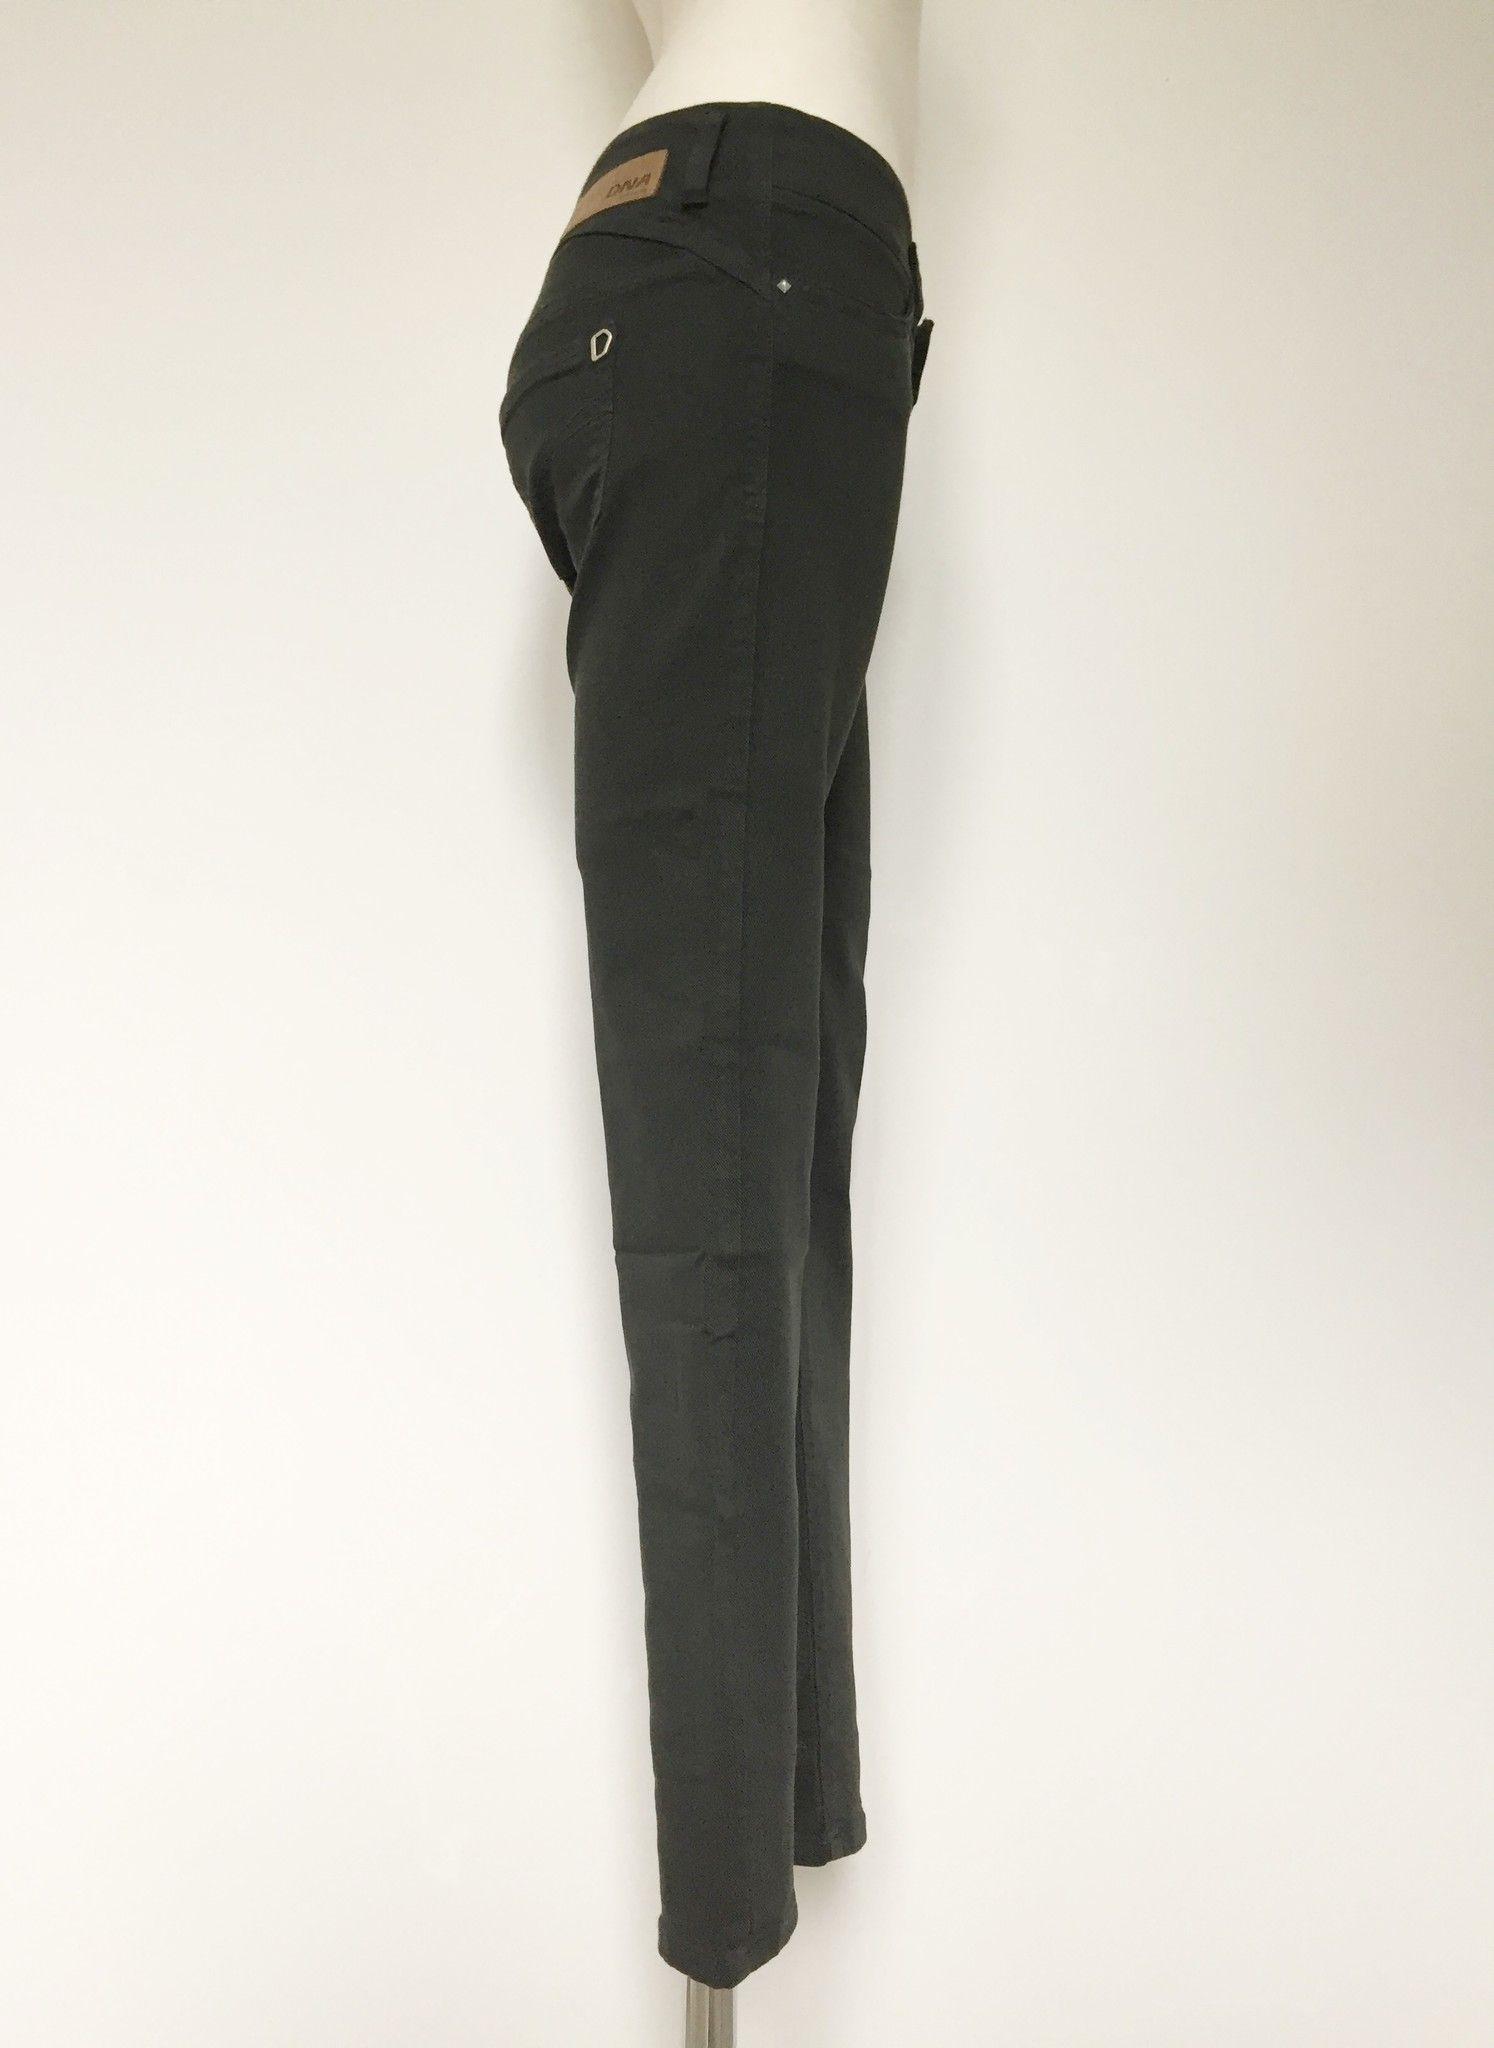 Jeans DNA Lungo Skinny Bielastico Cod.Zara